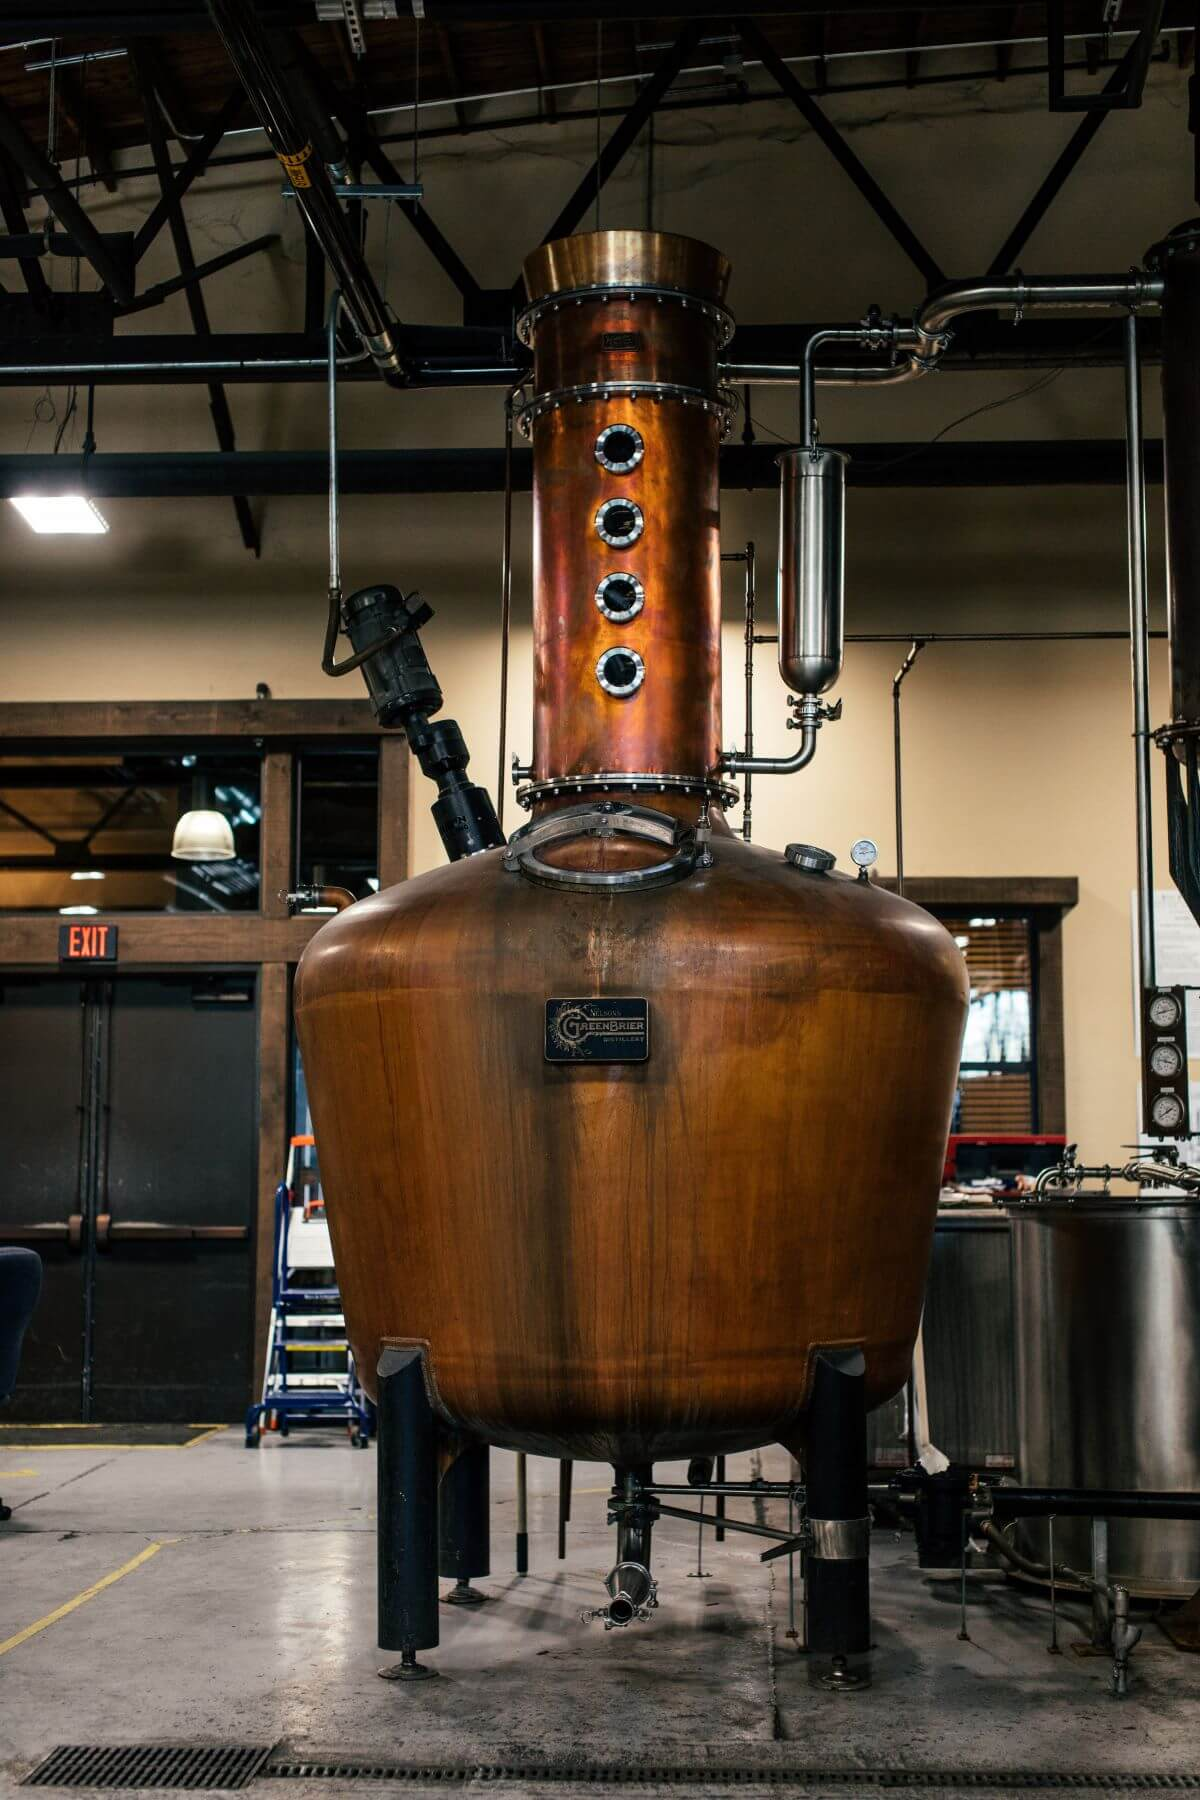 Cooper still for distilling liquor